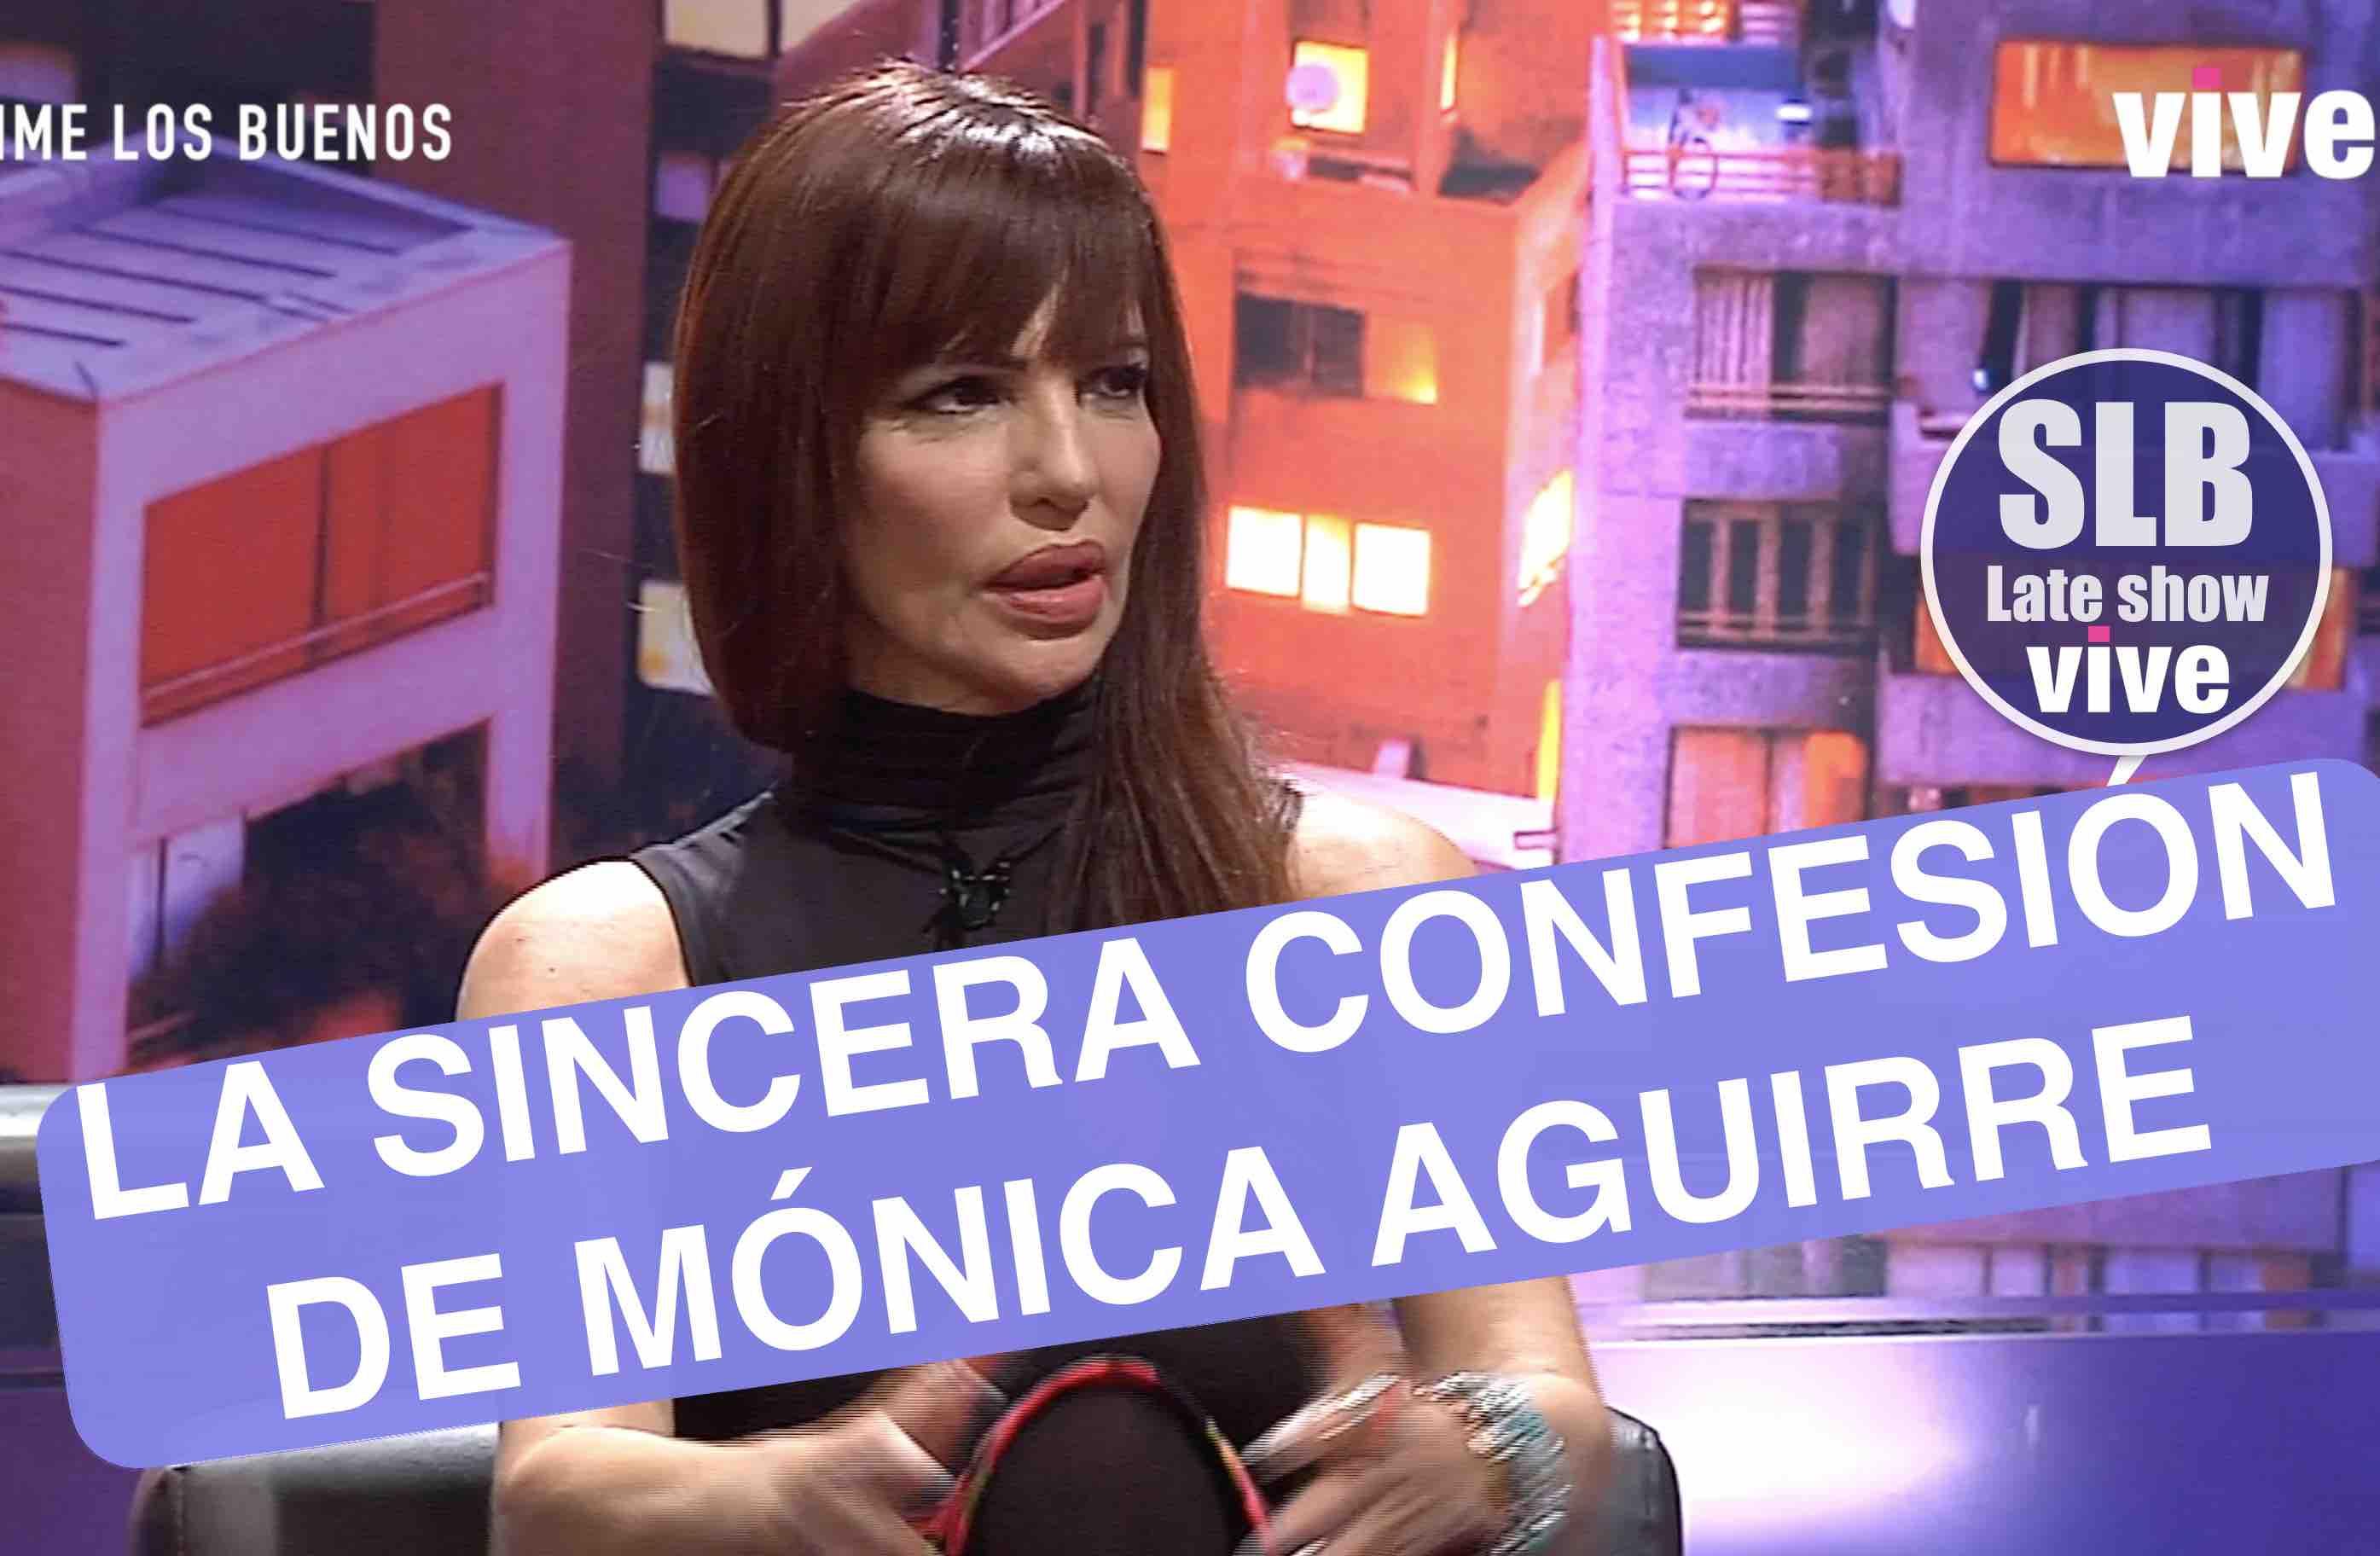 El momento más difícil de Mónica Aguirre